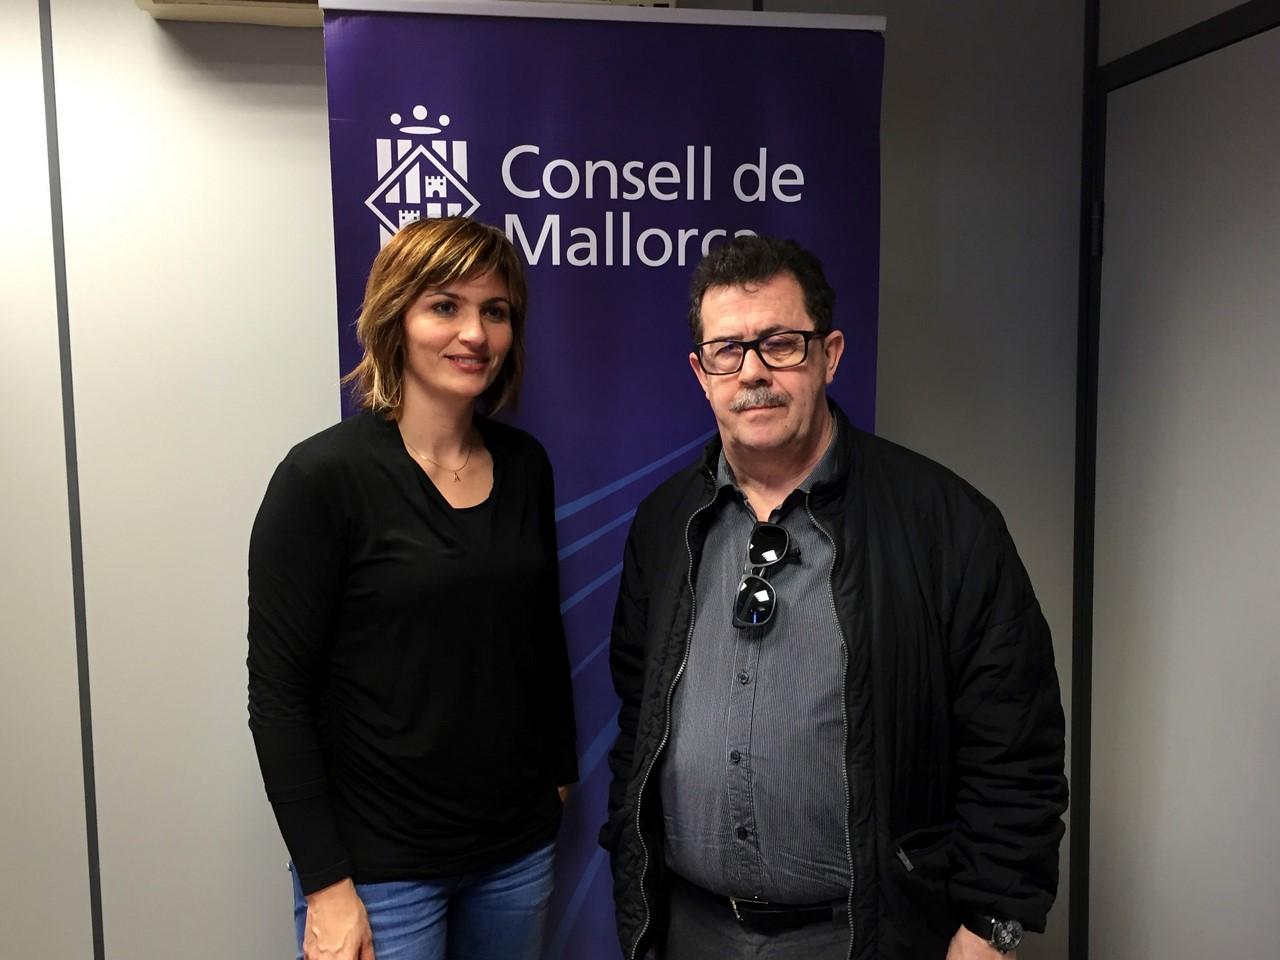 Margalida Portells y Miquel Jaume 1 (Copy)